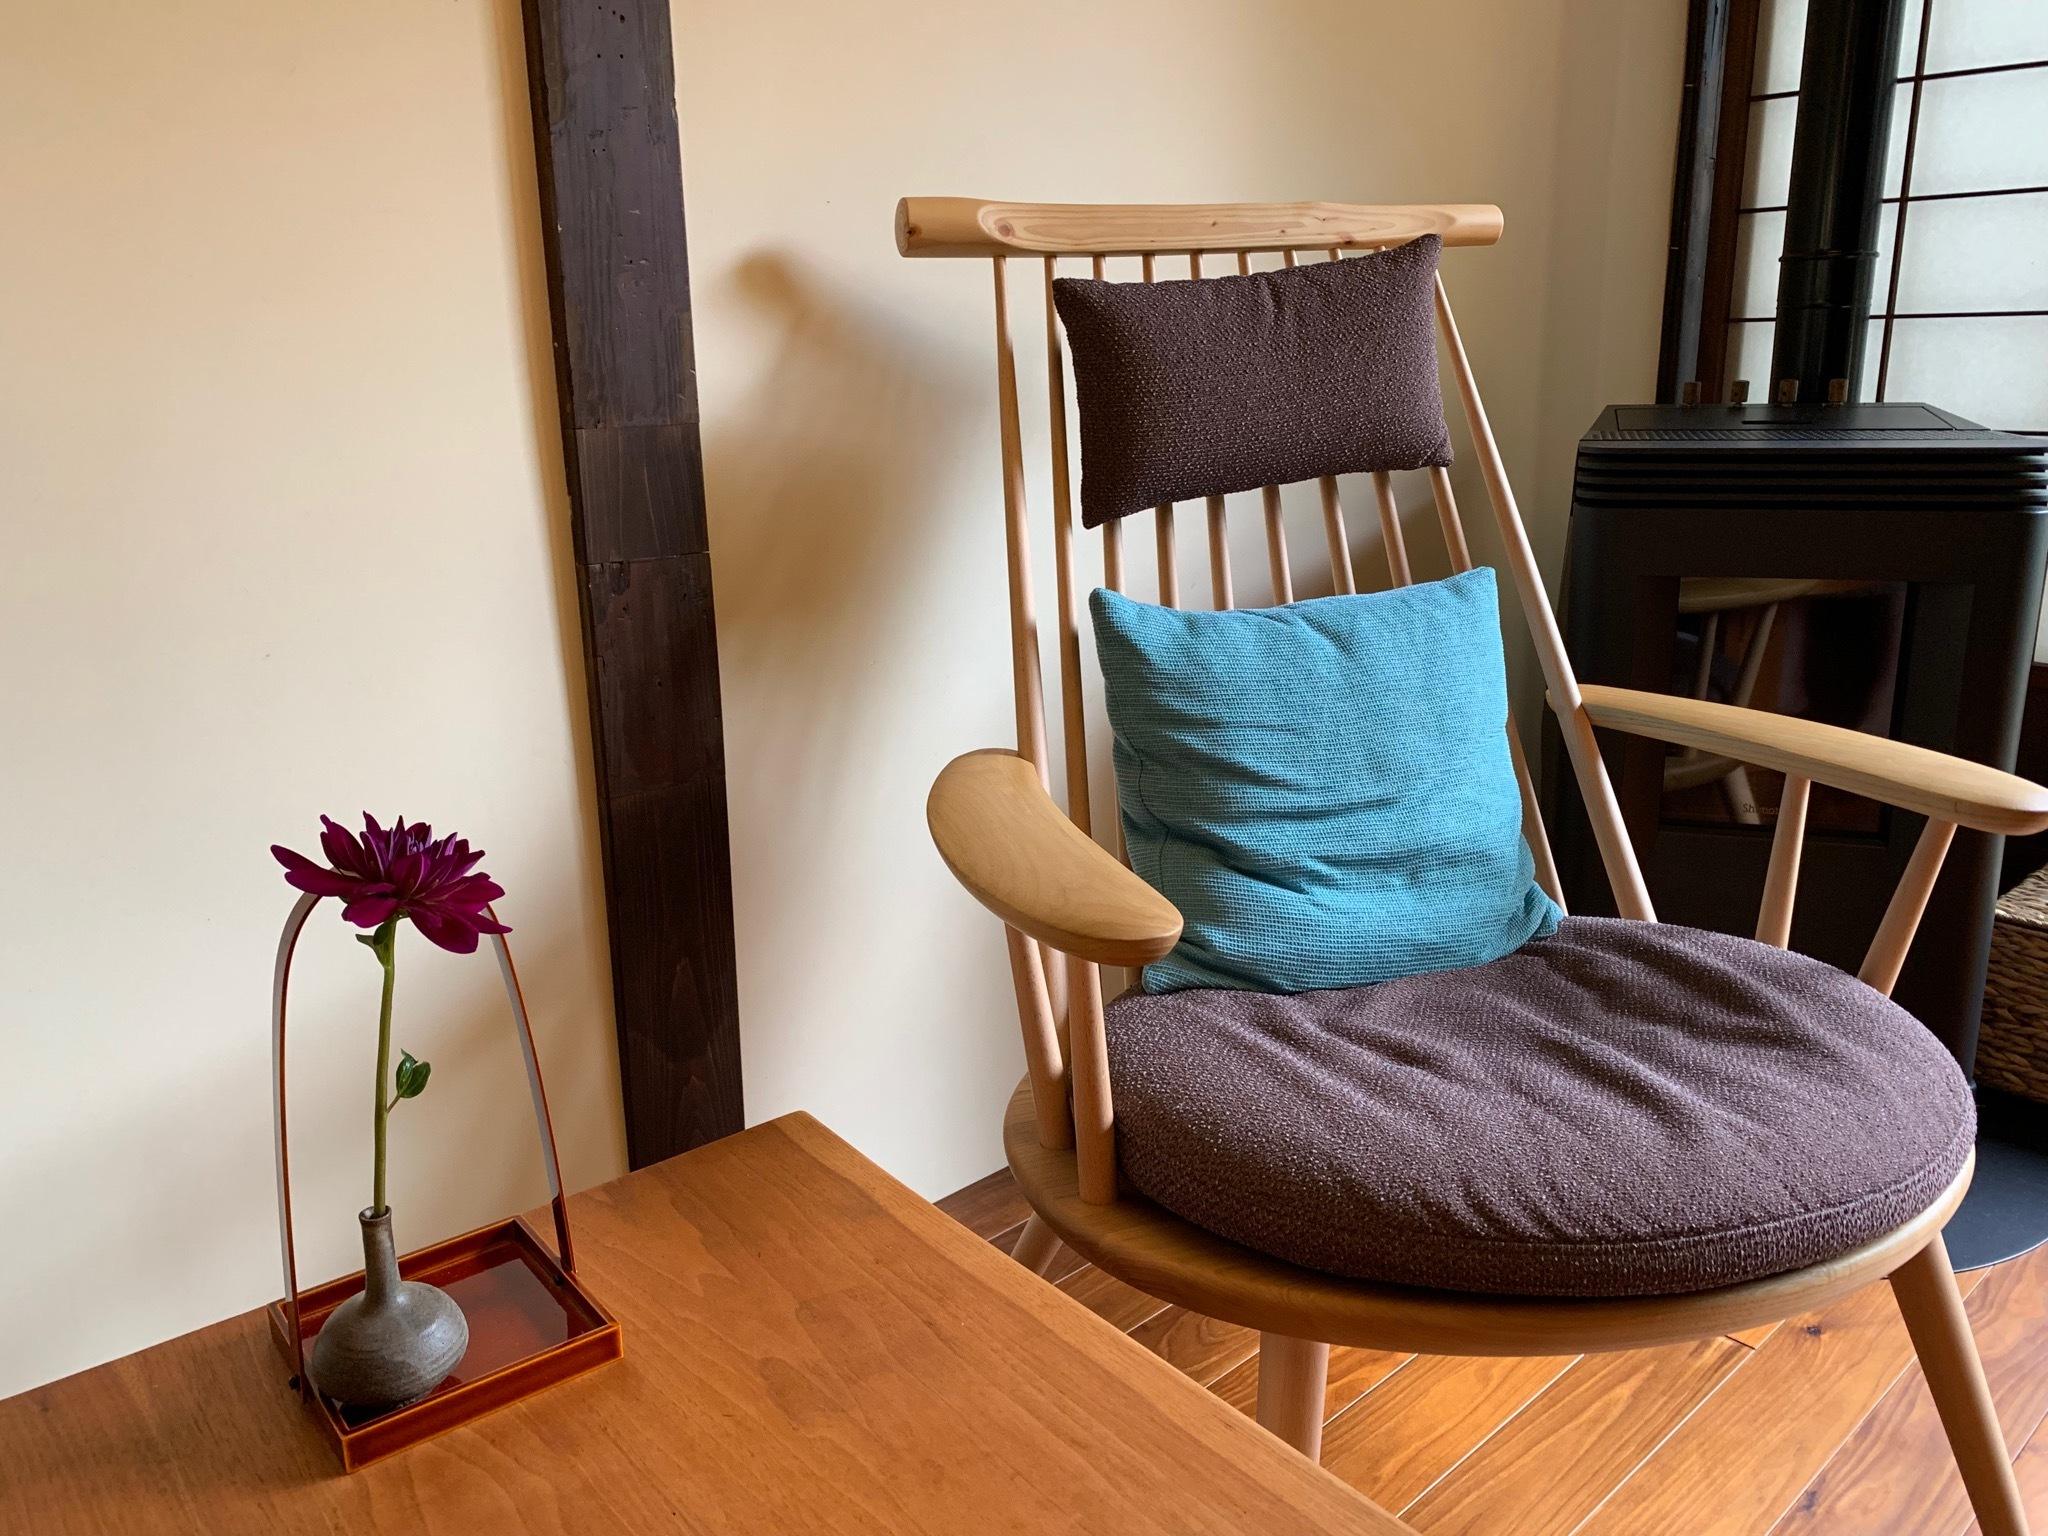 飛騨産業の上質な椅子に座ってのんびりとガーデンを眺めてはいかが?